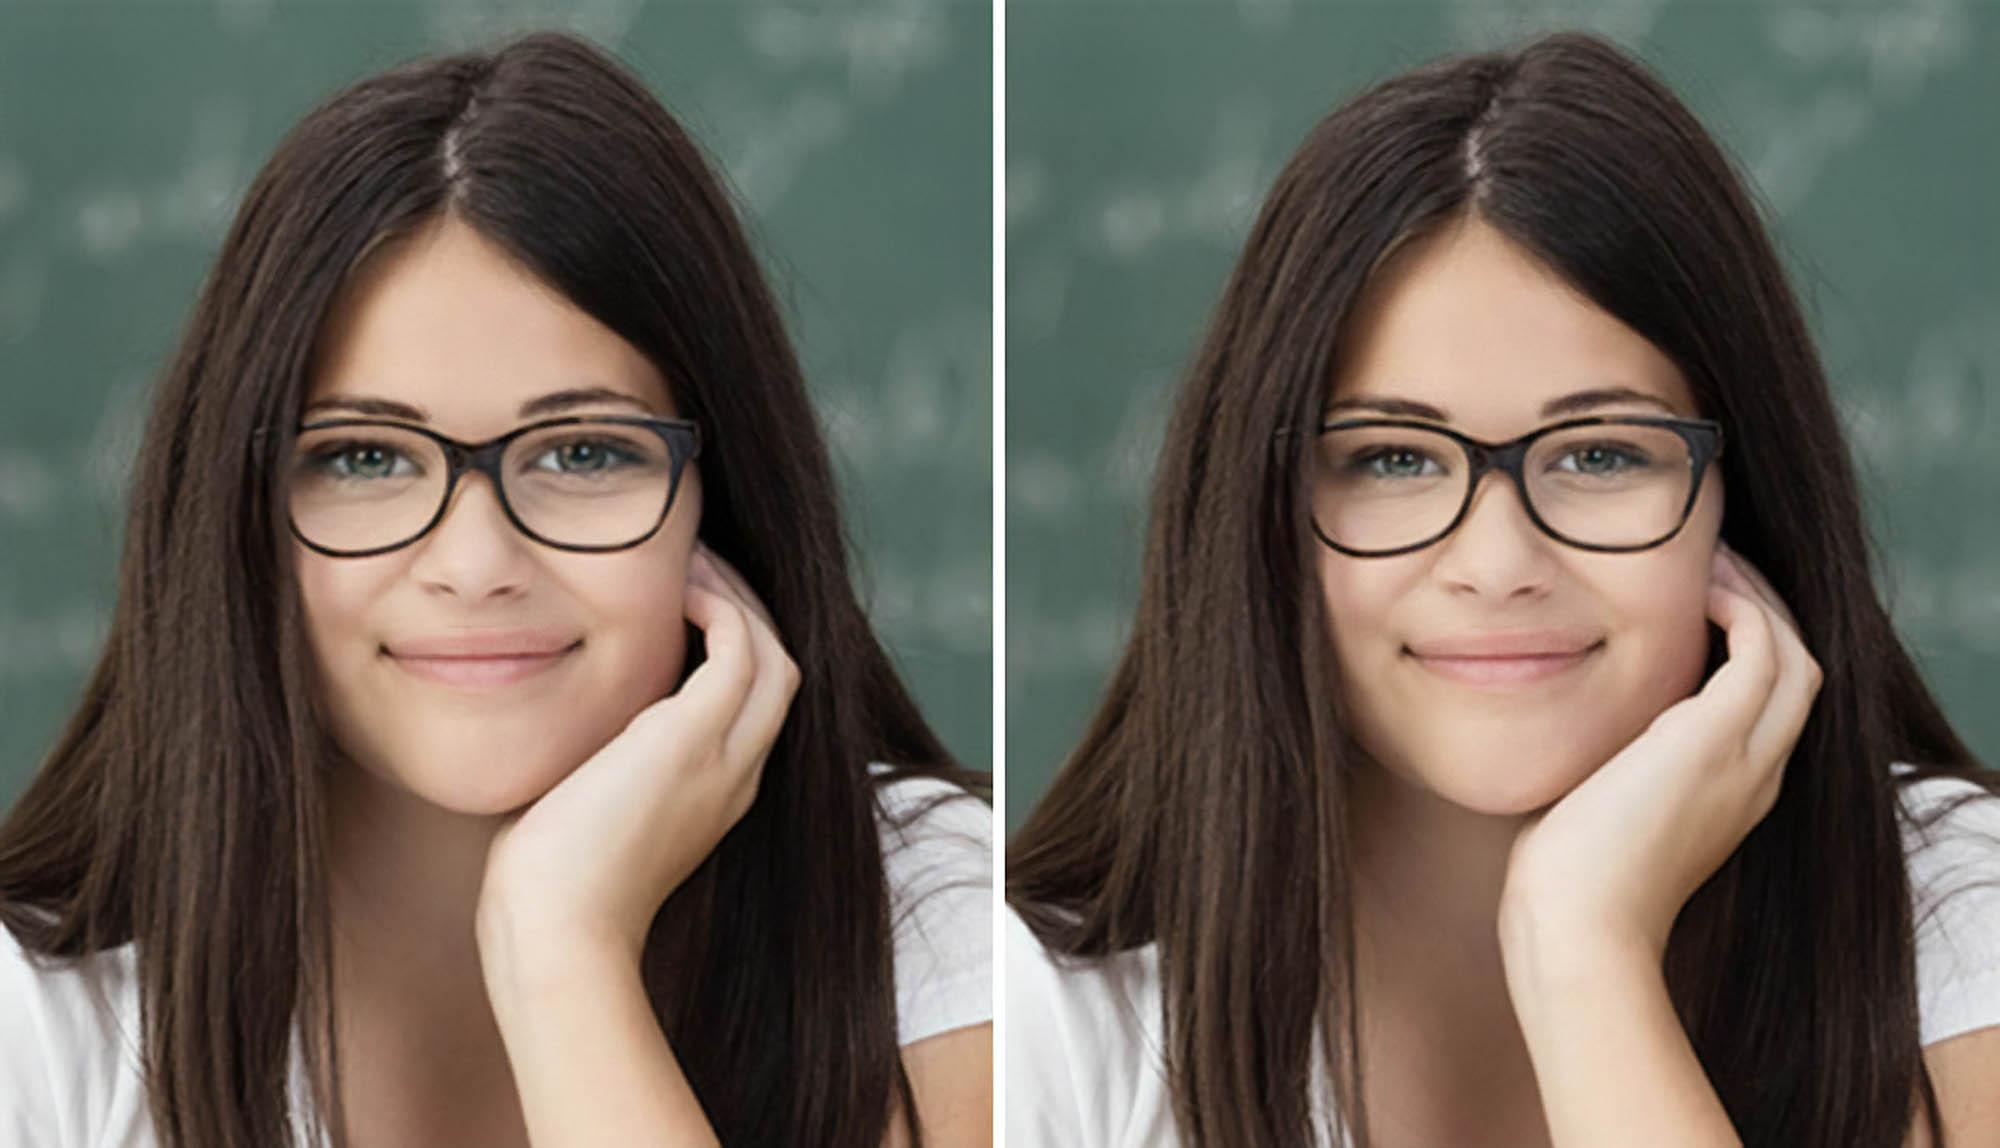 Сферические линзы с высокими диоптриями (слева) визуально изменяют размер глаз. Асферические линзы (справа) устраняют этот эффект. Источник: allaboutvision.com